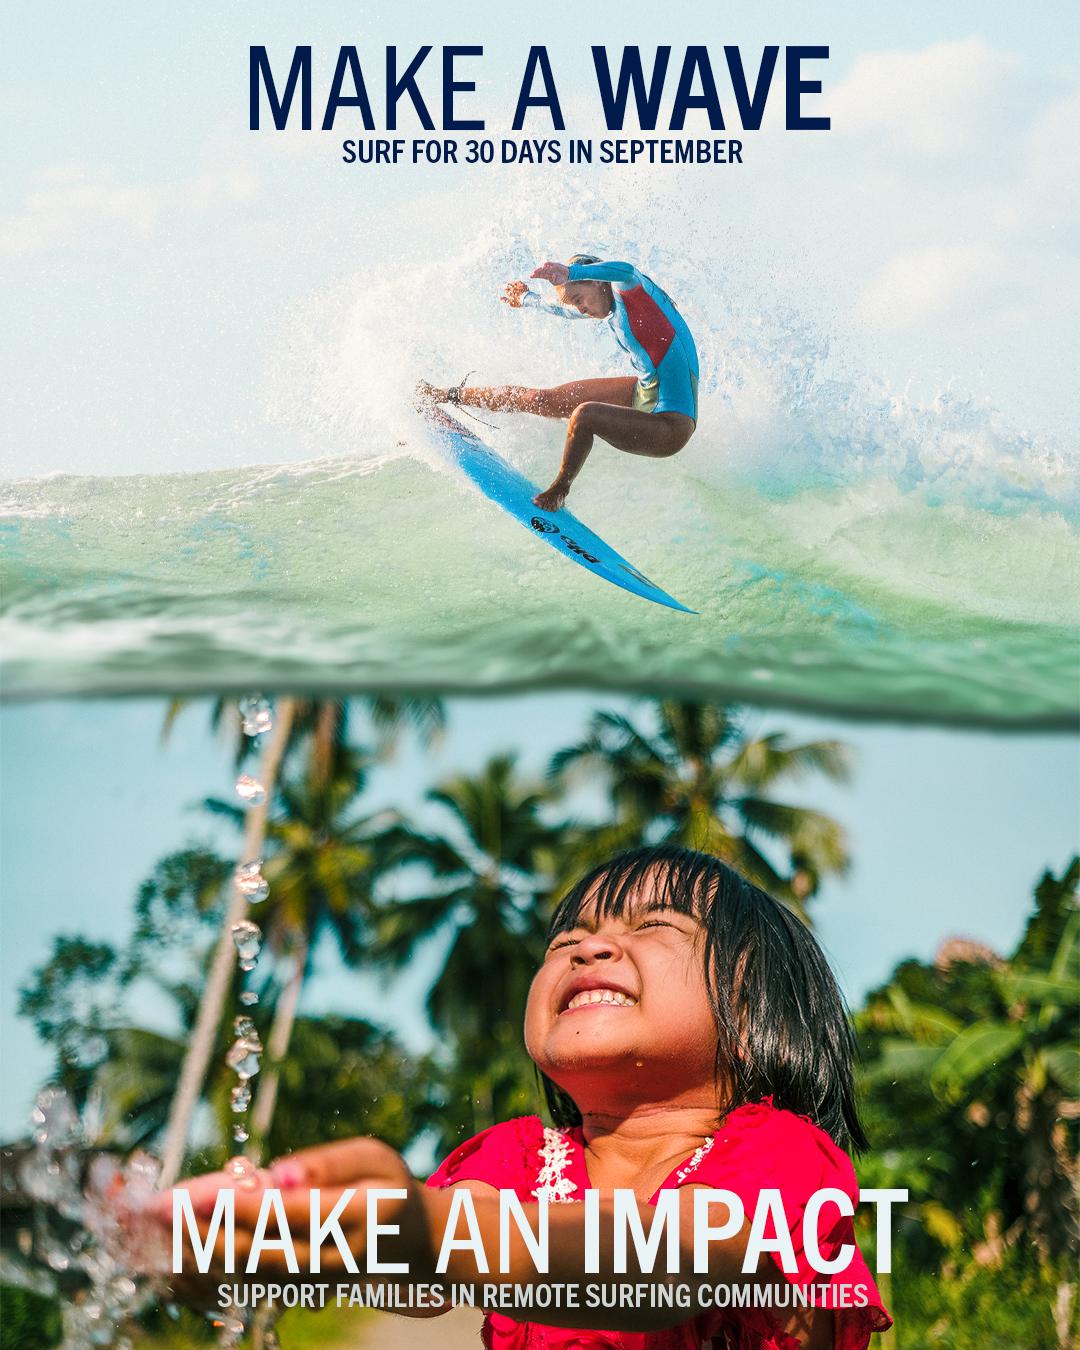 SurfAid Make A Wave